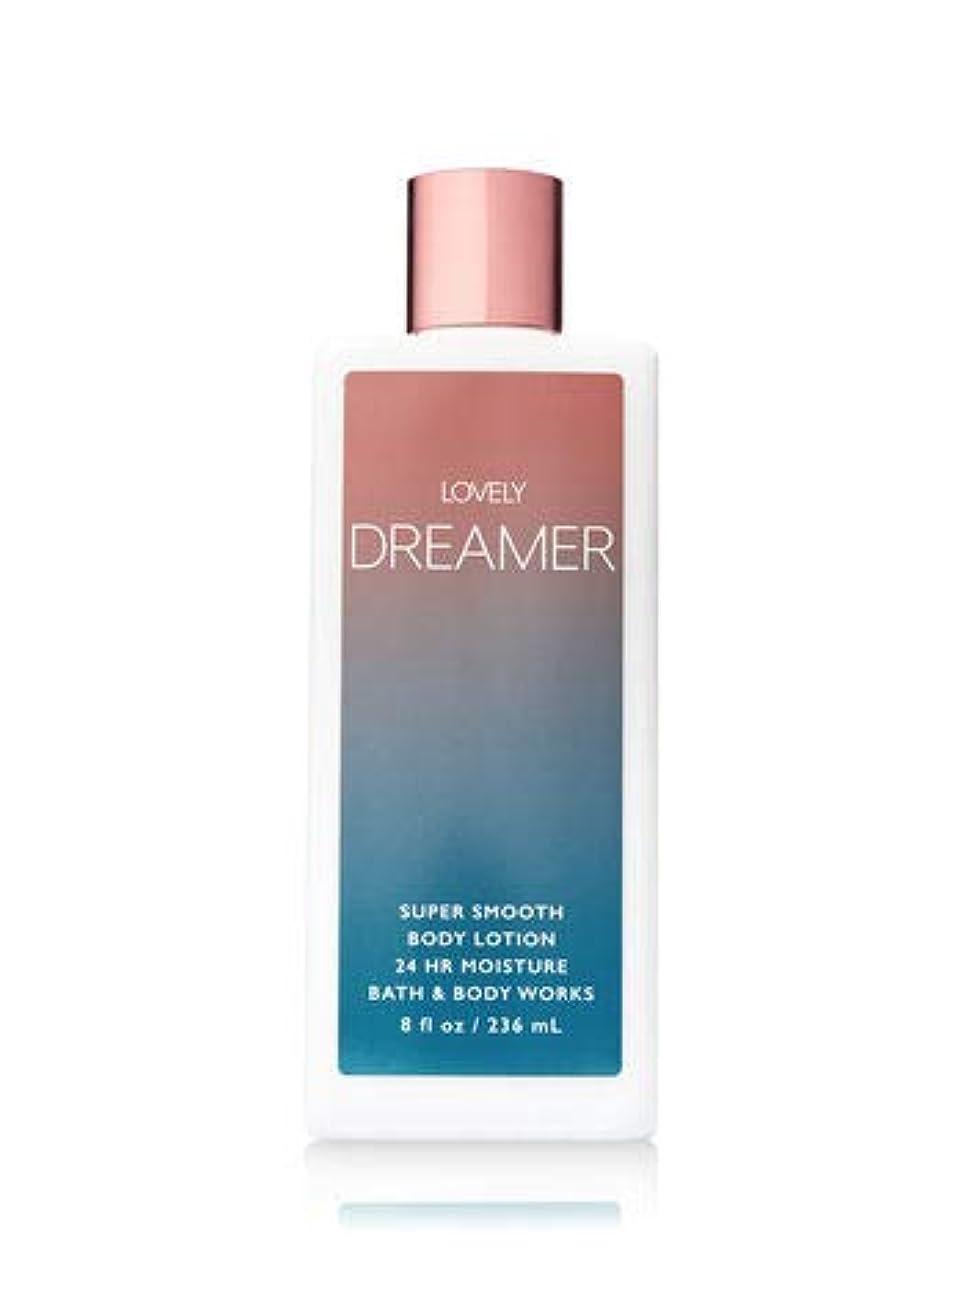 頑丈素朴な仕方【Bath&Body Works/バス&ボディワークス】 ボディローション ラブリードリーマー Super Smooth Body Lotion Lovely Dreamer 8 fl oz / 236 mL [並行輸入品]